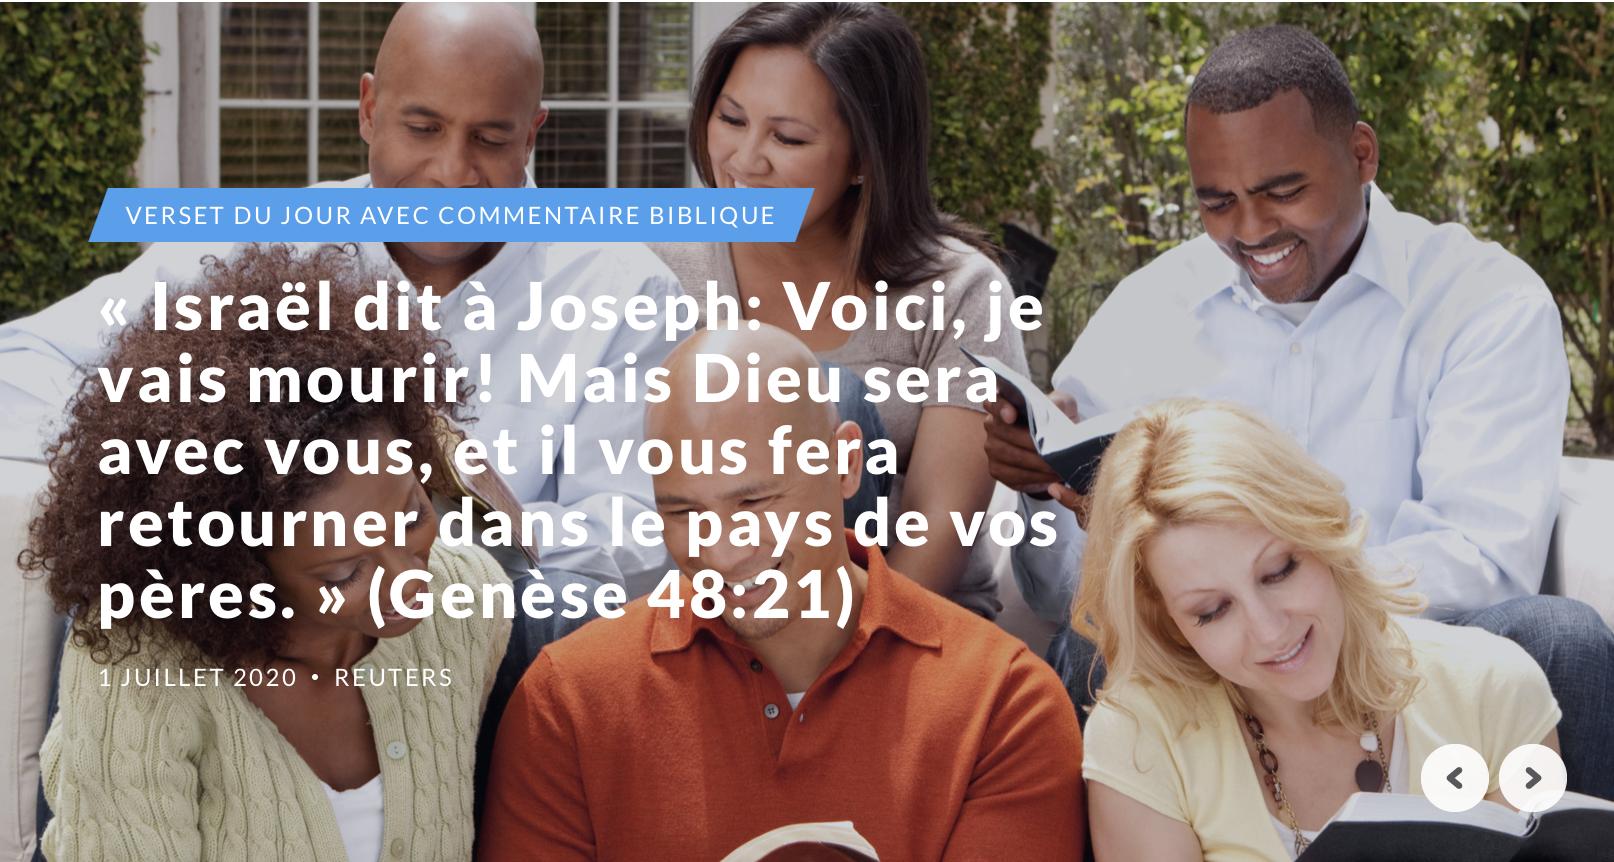 """""""Israël dit à Joseph: Voici, je vais mourir! Mais Dieu sera avec vous, et il vous fera retourner dans le pays de vos pères."""" (Genèse 48:21)"""